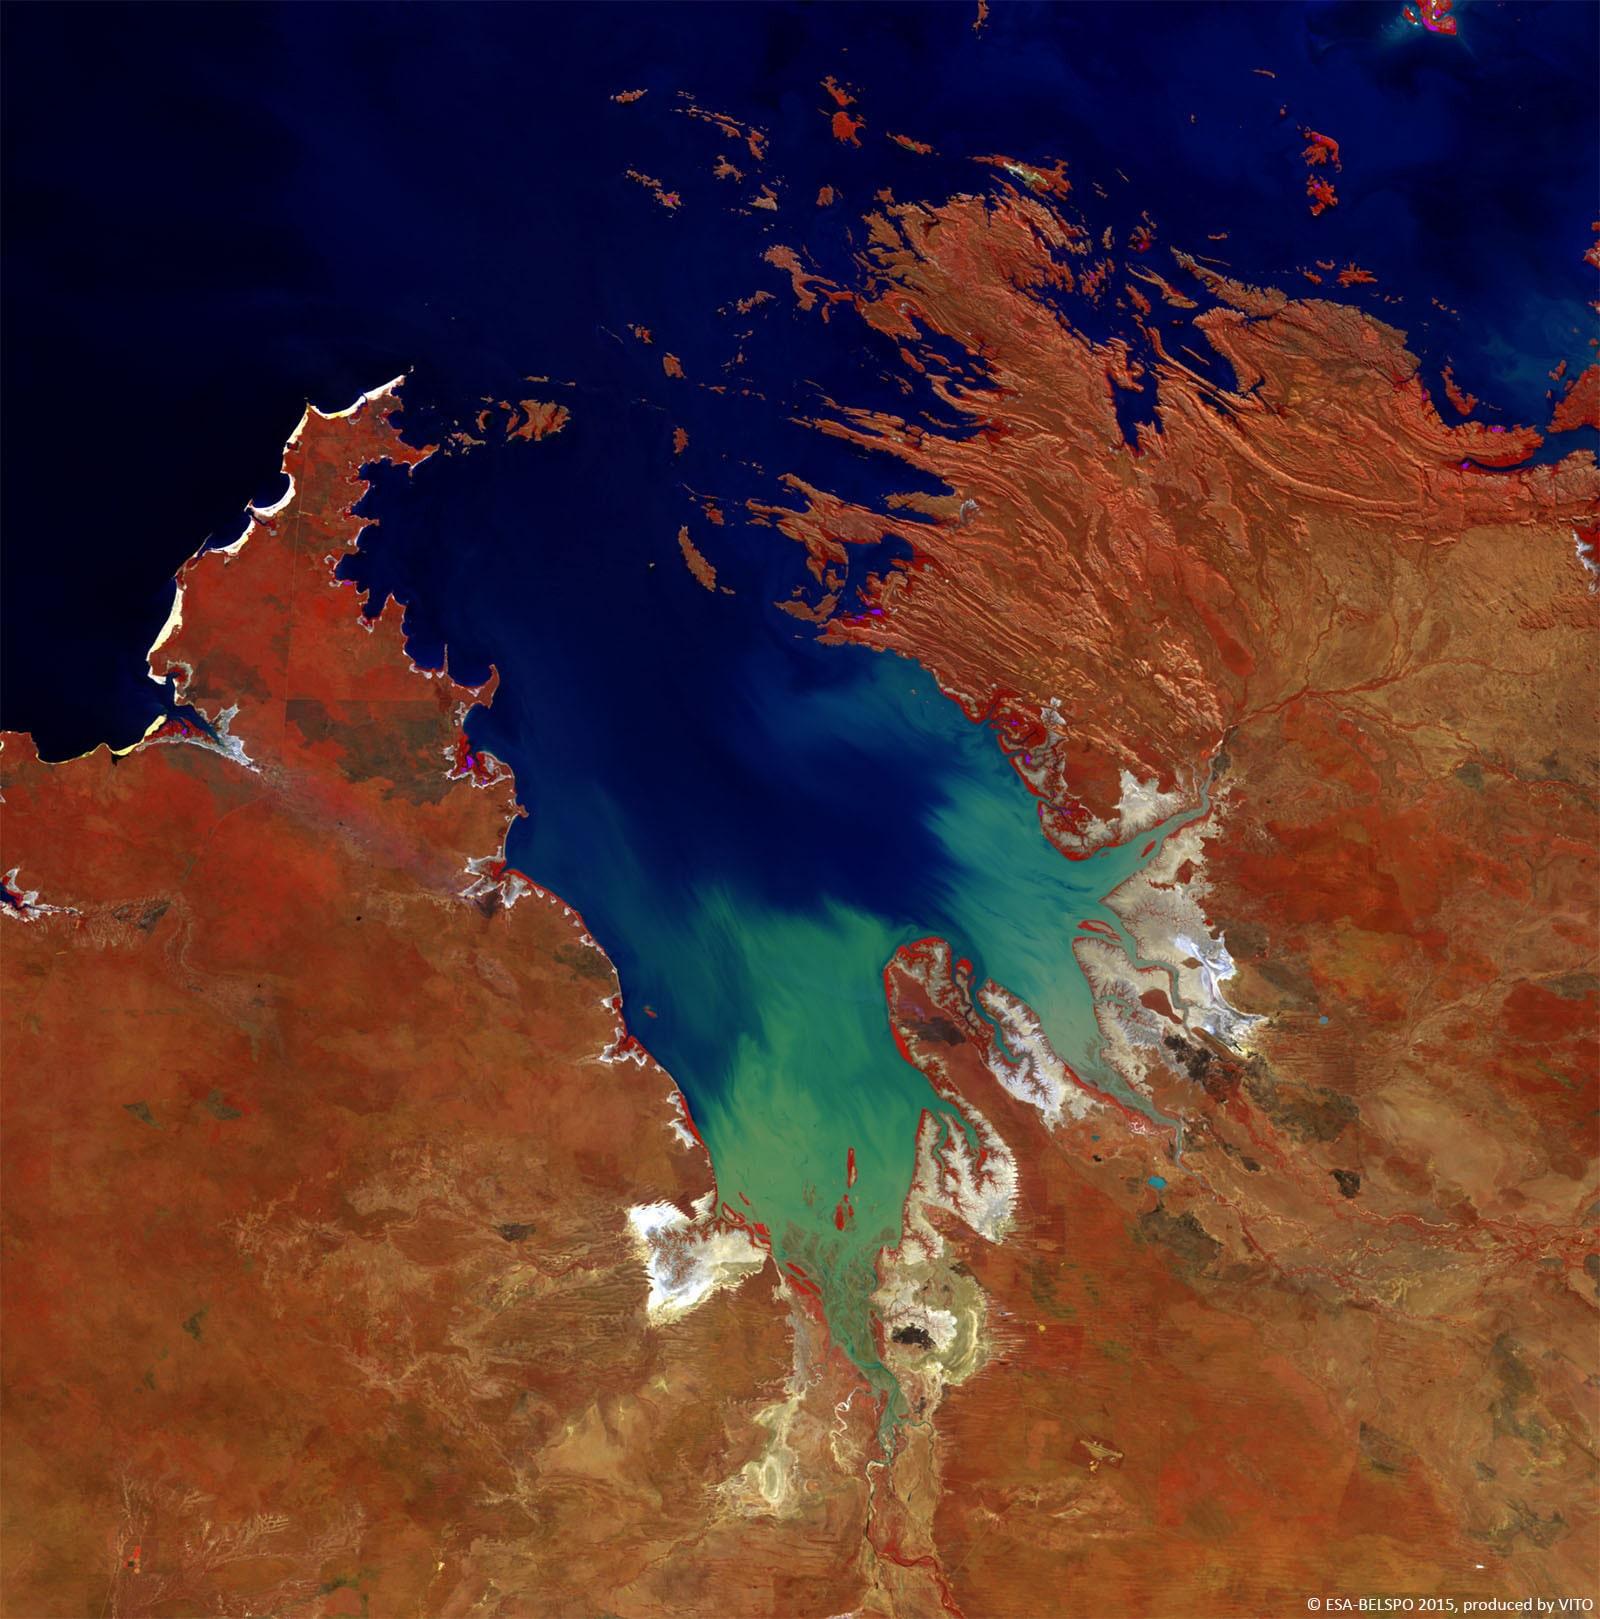 PROBA-V 100 m image of King Sound, Australia